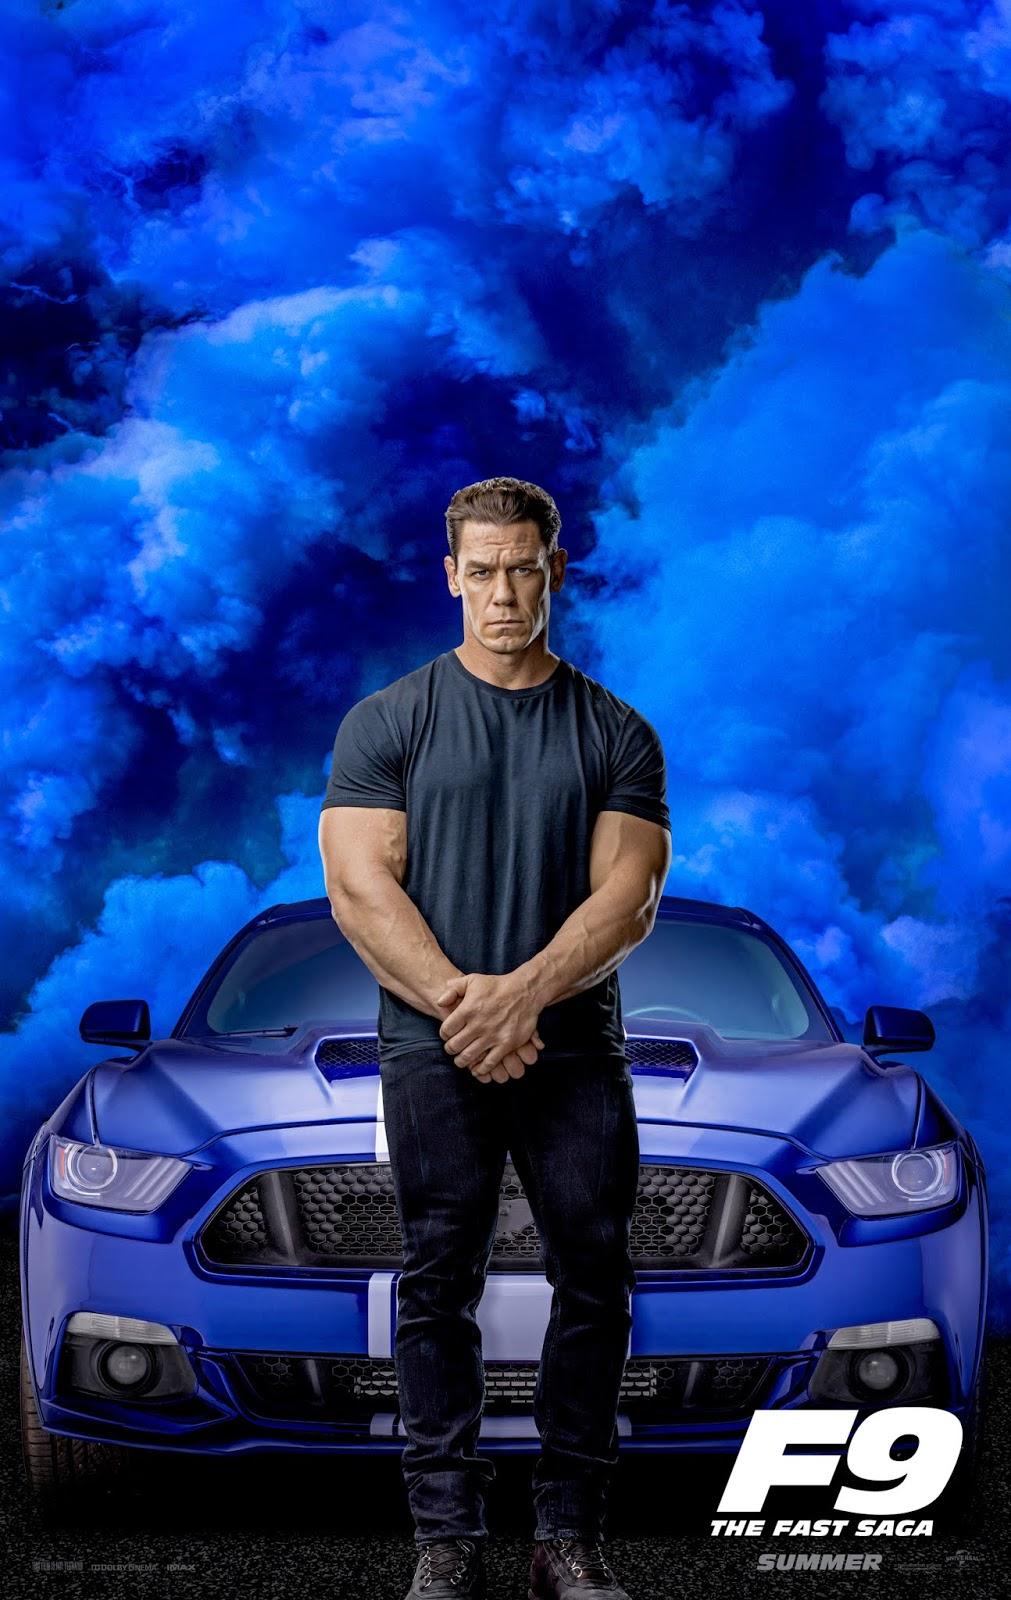 John Cena - Fast and Furious 9